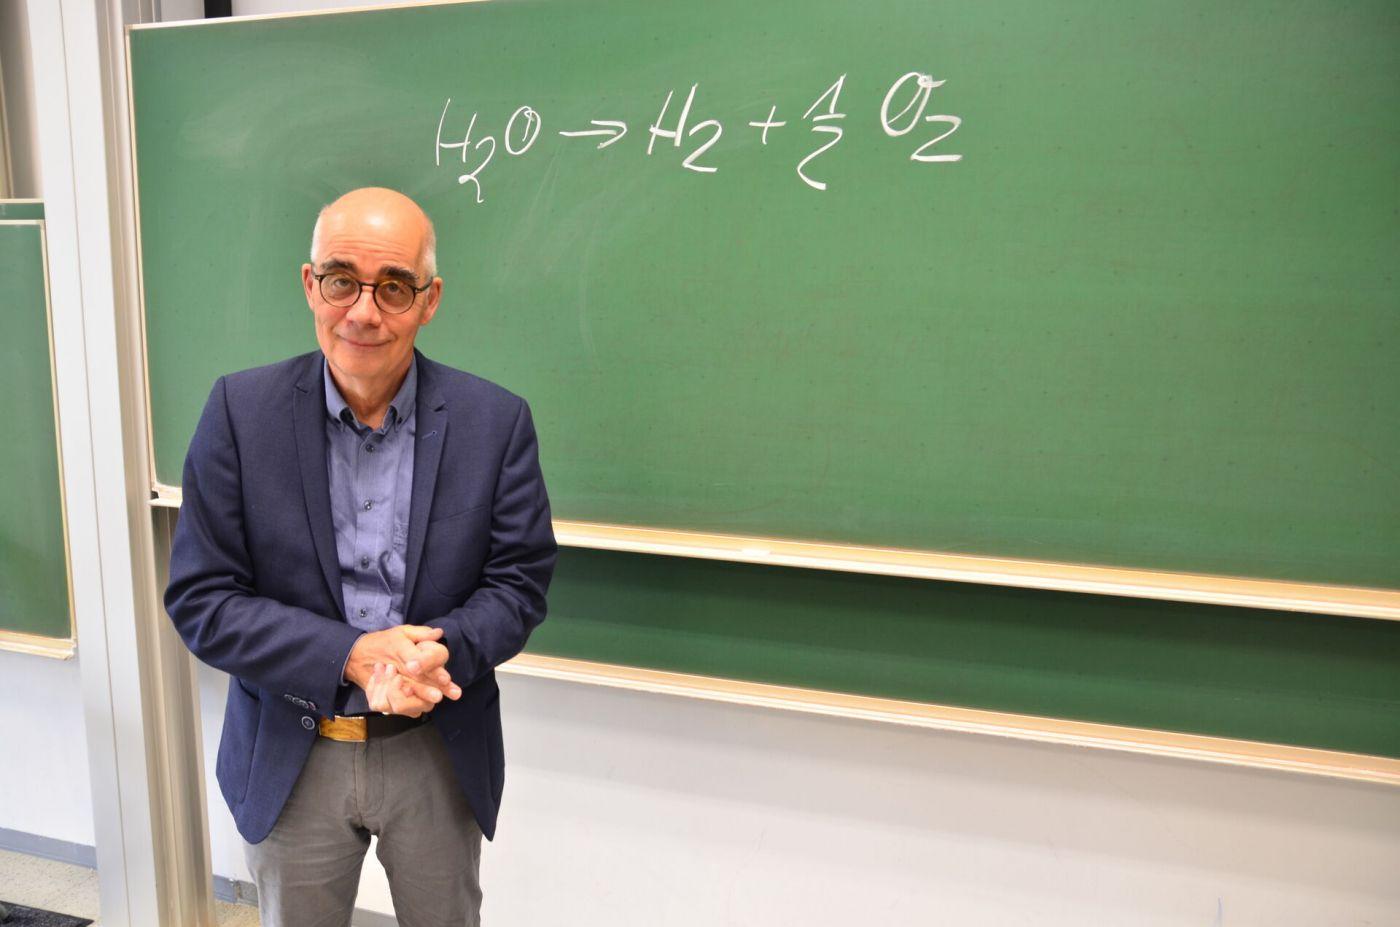 Ein Professor steht im Hörsaal vor einer Tafel.